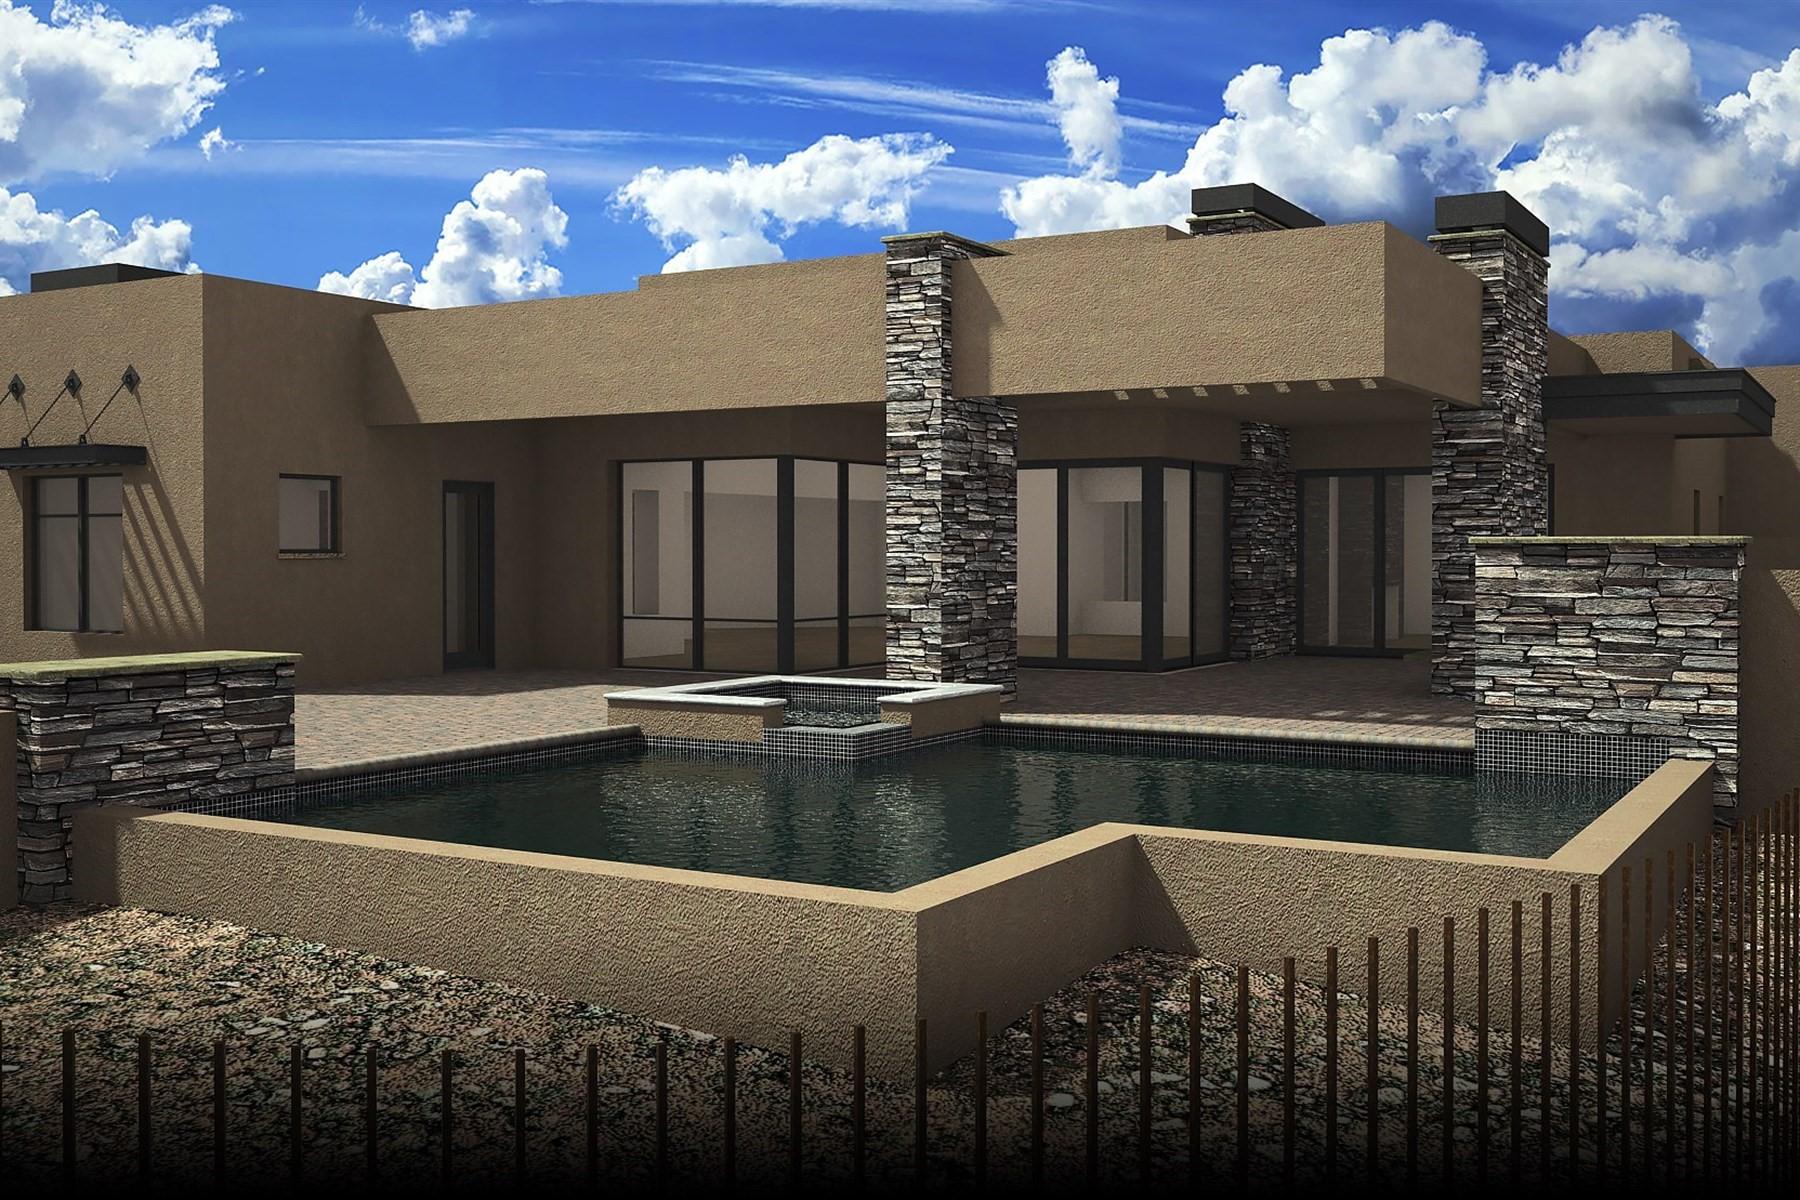 一戸建て のために 売買 アット Scottsdale Desert Contemporary 37597 N 92nd Pl, Scottsdale, アリゾナ, 85262 アメリカ合衆国